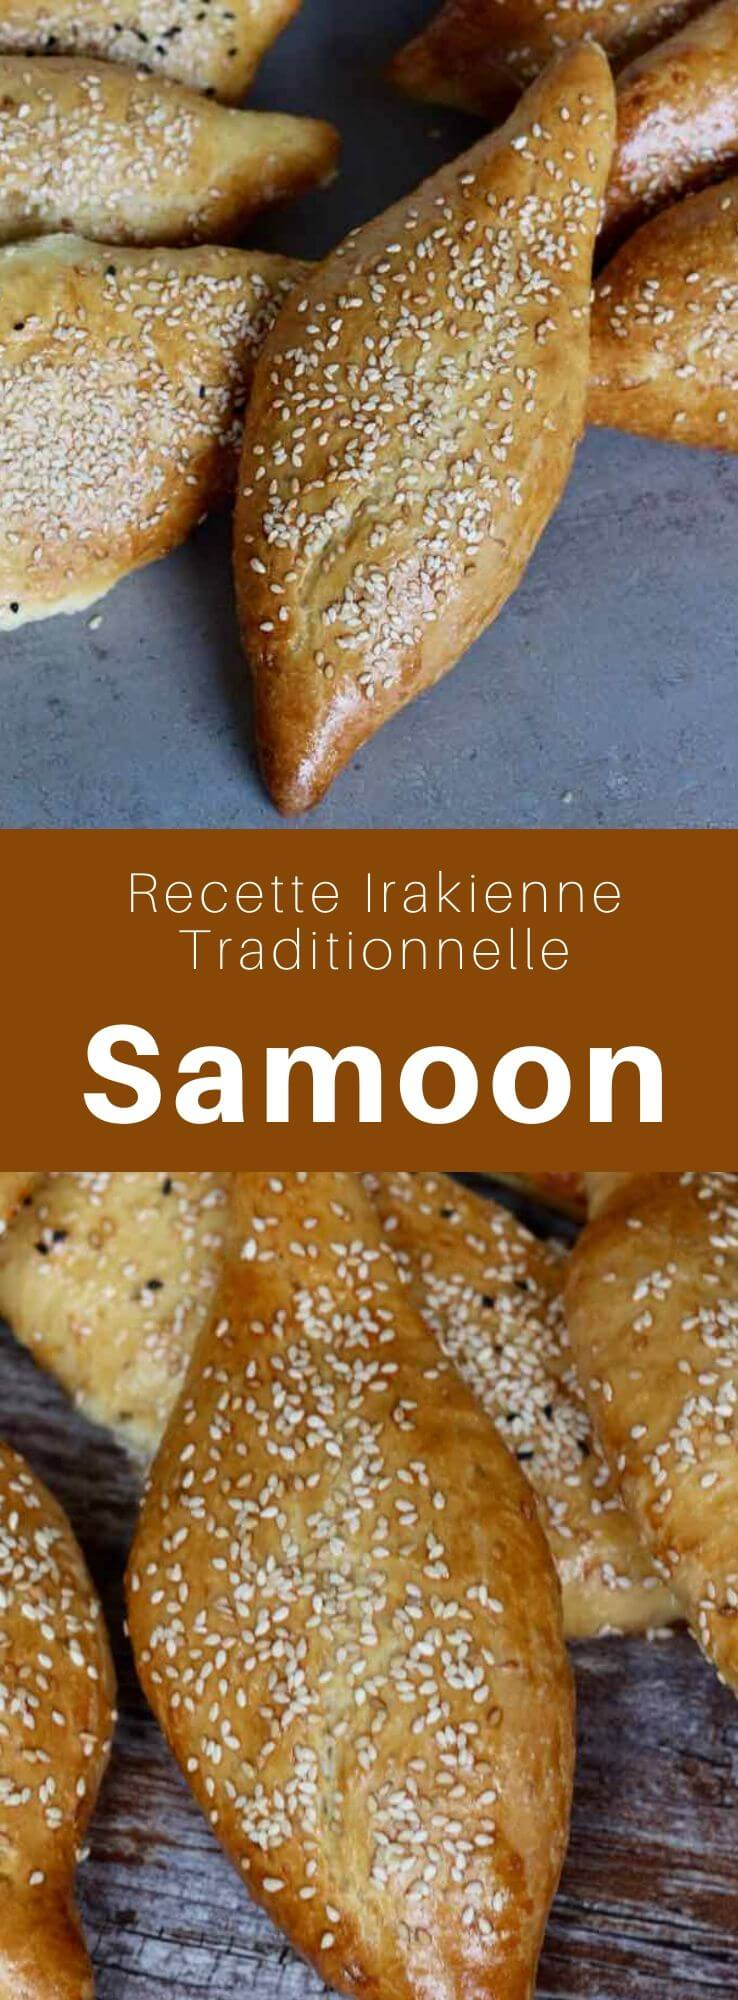 Le samoon est un des pains les plus populaires d'Irak. Des variantes existent en Syrie, au Liban, au Koweït et en Arabie saoudite. #Irak #RecetteIrakienne #CuisineIrakienne #CuisineDuMonde #196flavors